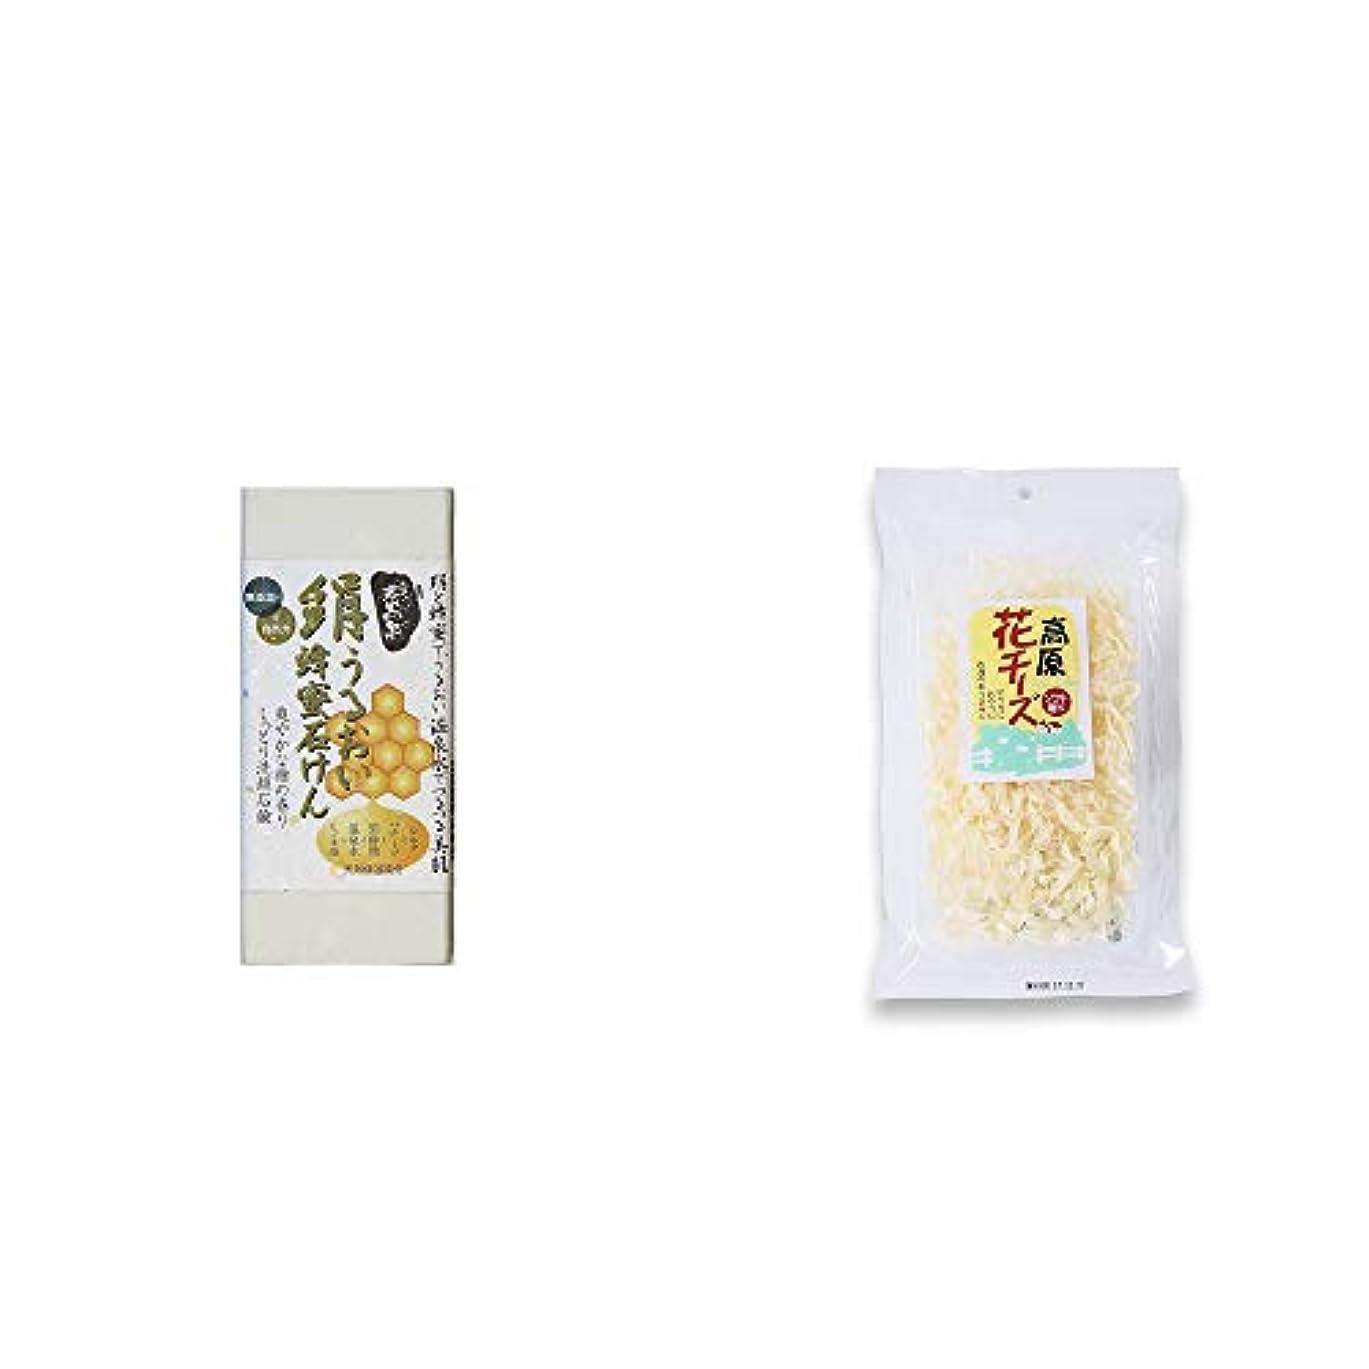 重荷伝導率ベーリング海峡[2点セット] ひのき炭黒泉 絹うるおい蜂蜜石けん(75g×2)?高原の花チーズ(56g)